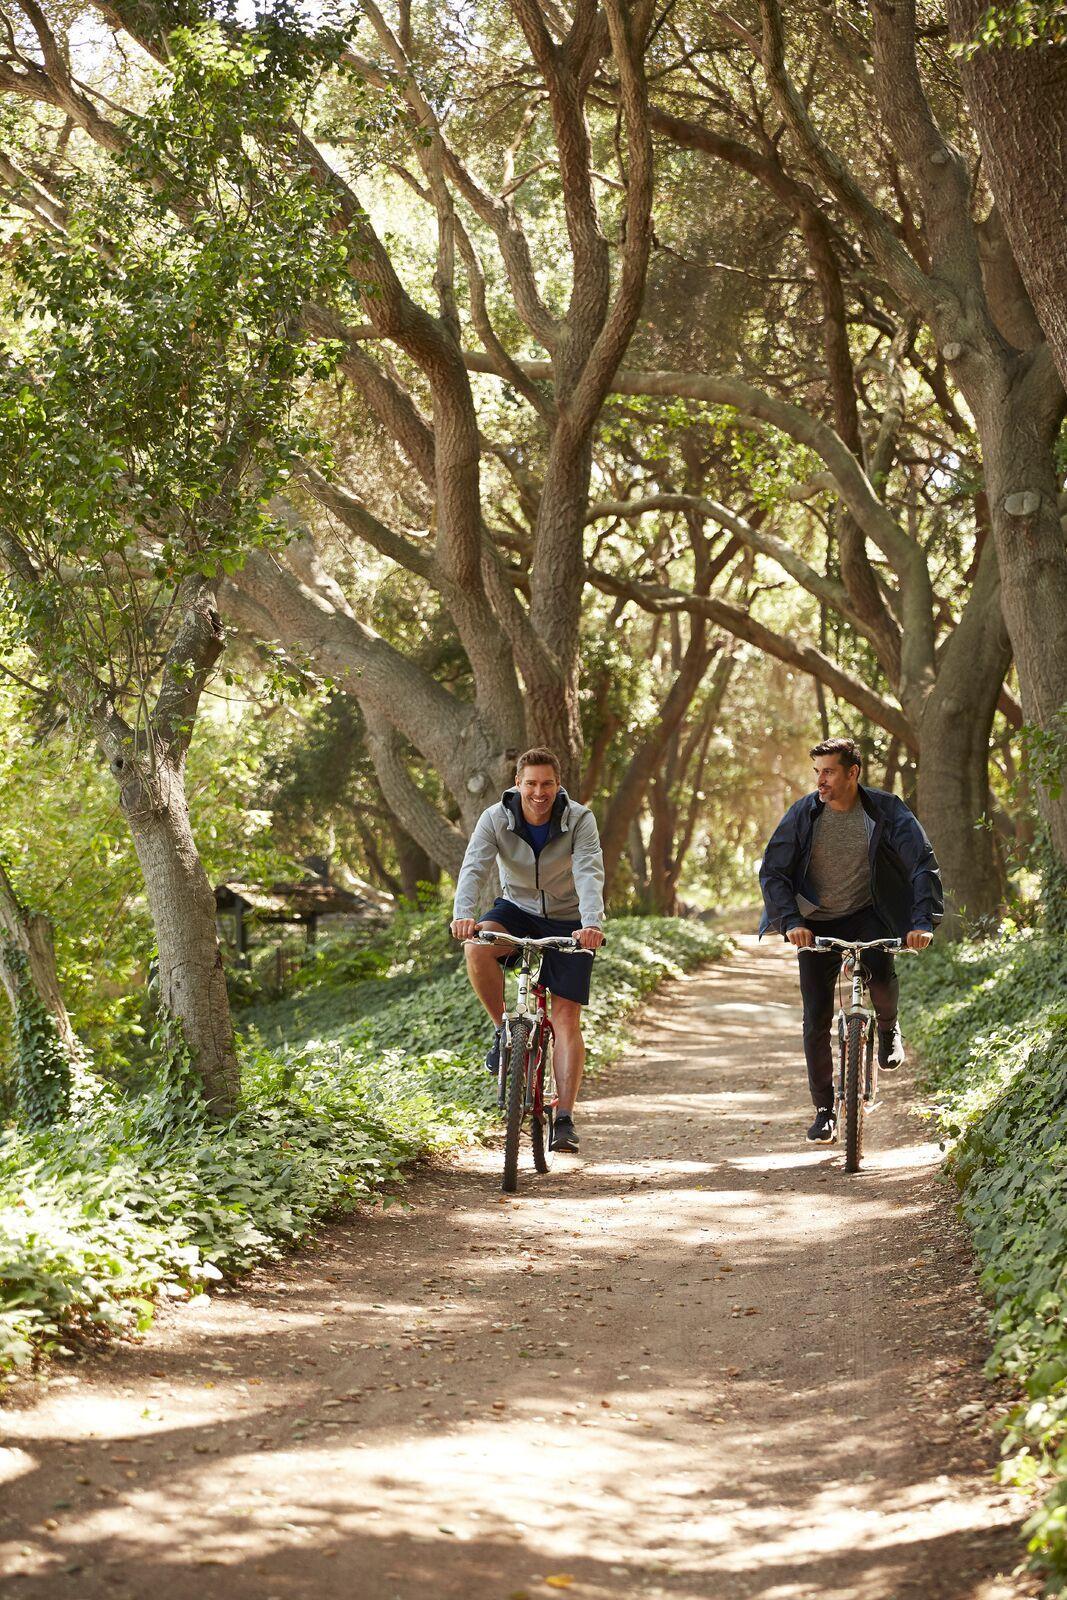 30 Miles Of Hiking And Biking Trails At Golden Door In San Marcos Ca Bike Trails Golden Door Country Roads